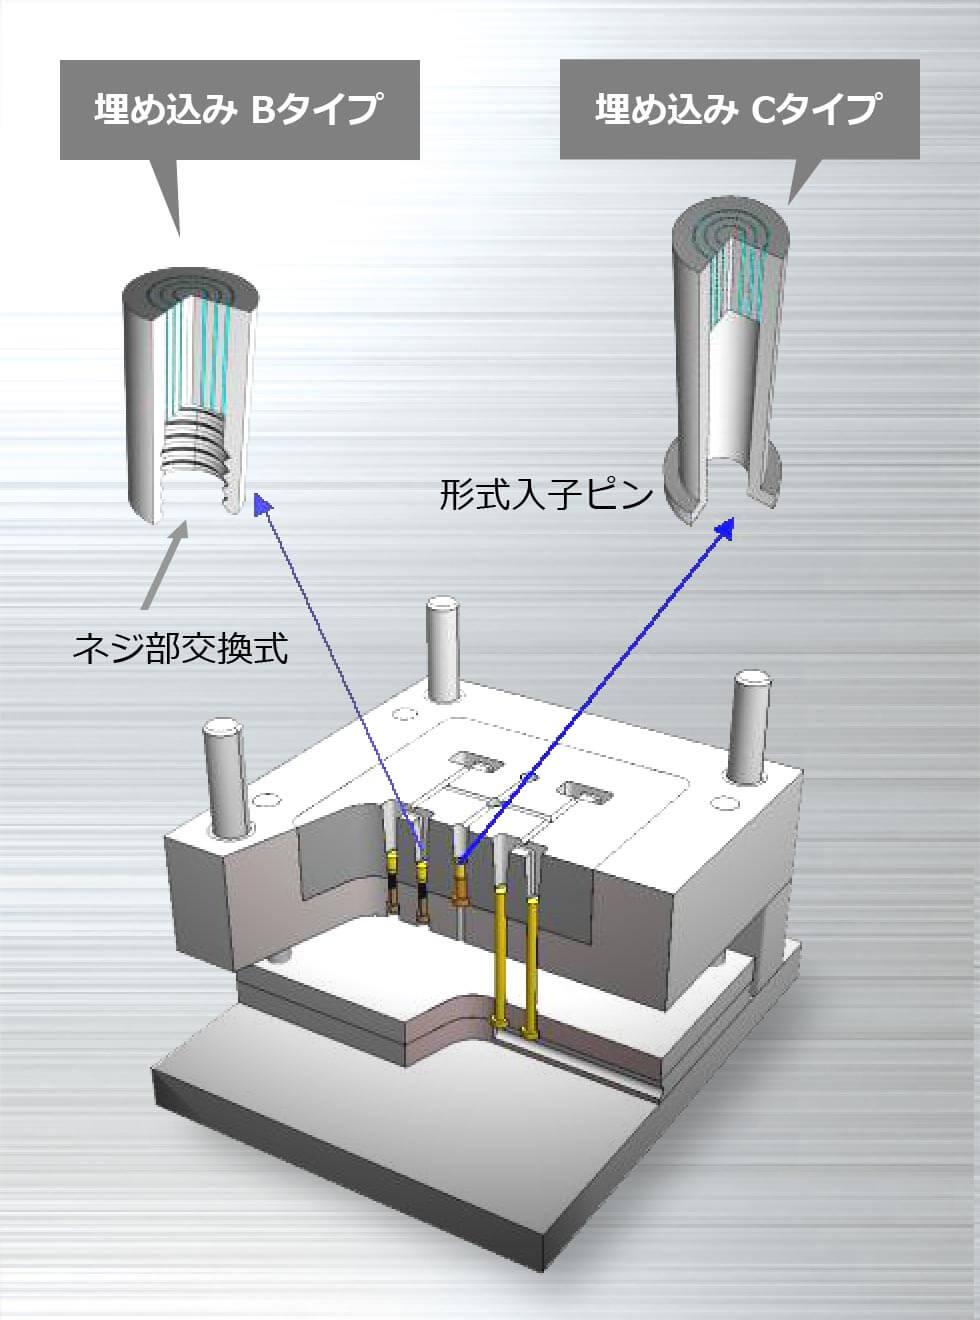 フィルターピン 金型ガス抜き使用例